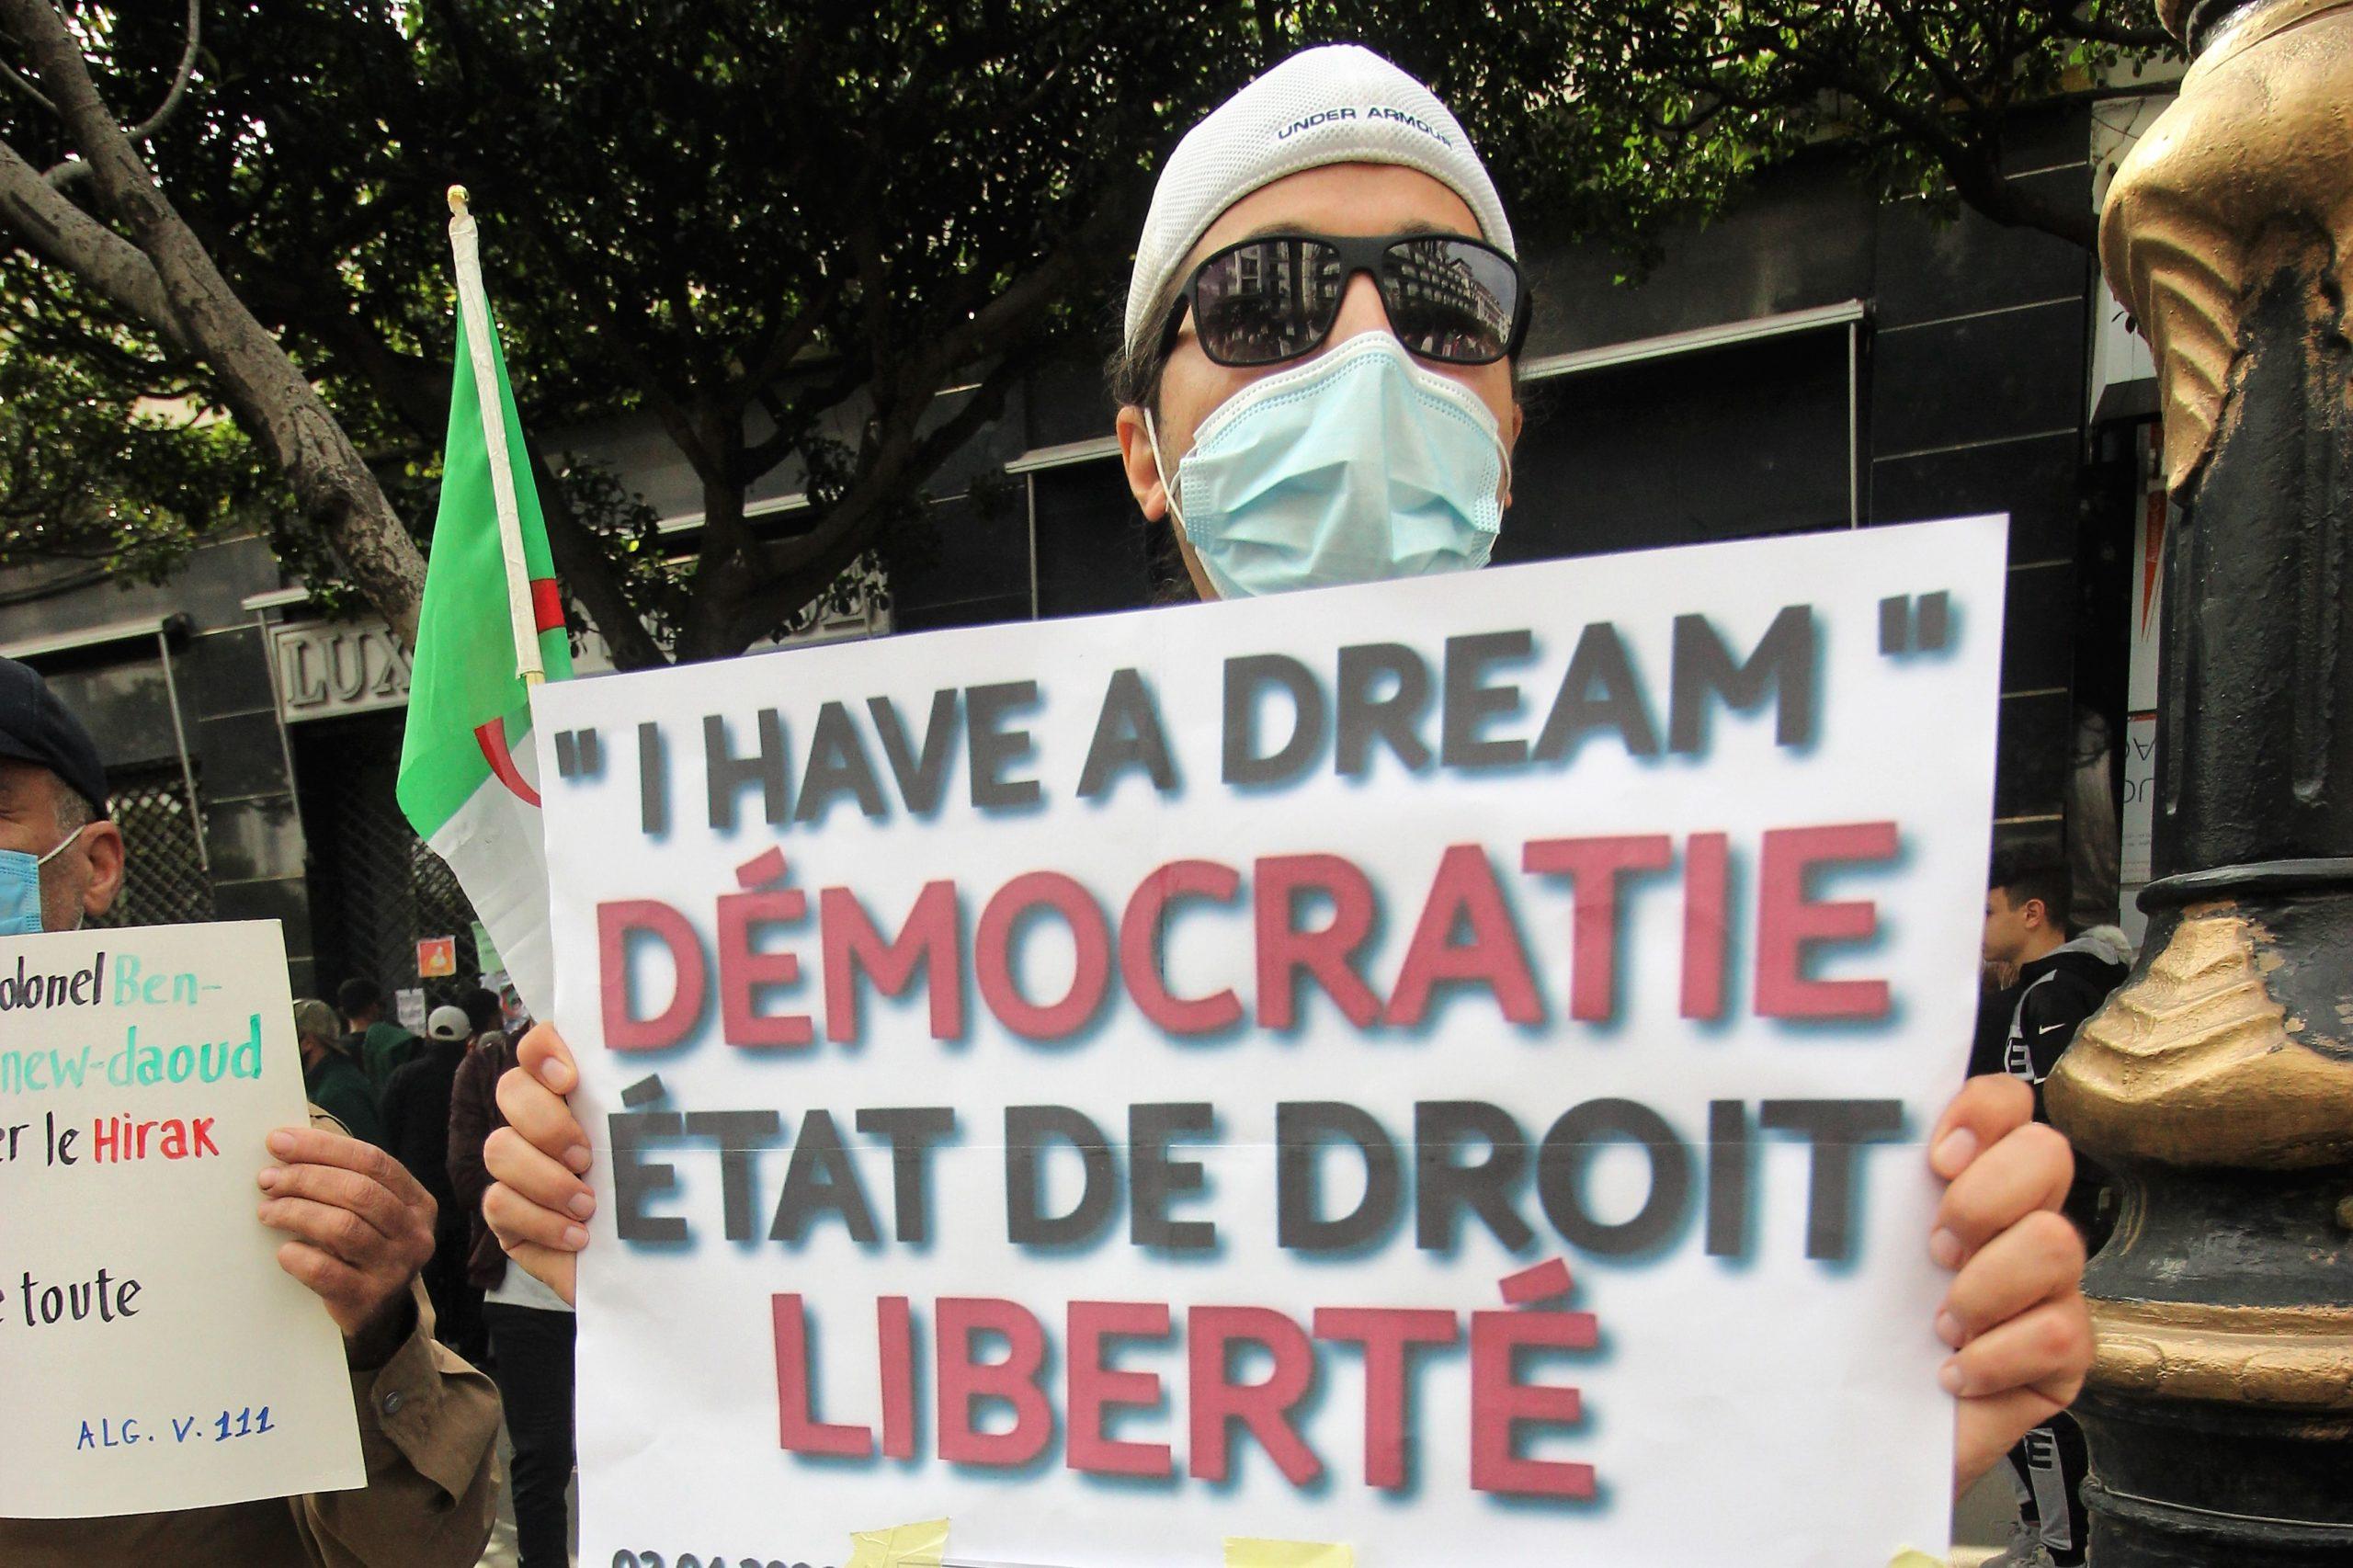 Les libertés démocratiques mises à mal et le pouvoir ne démord pas